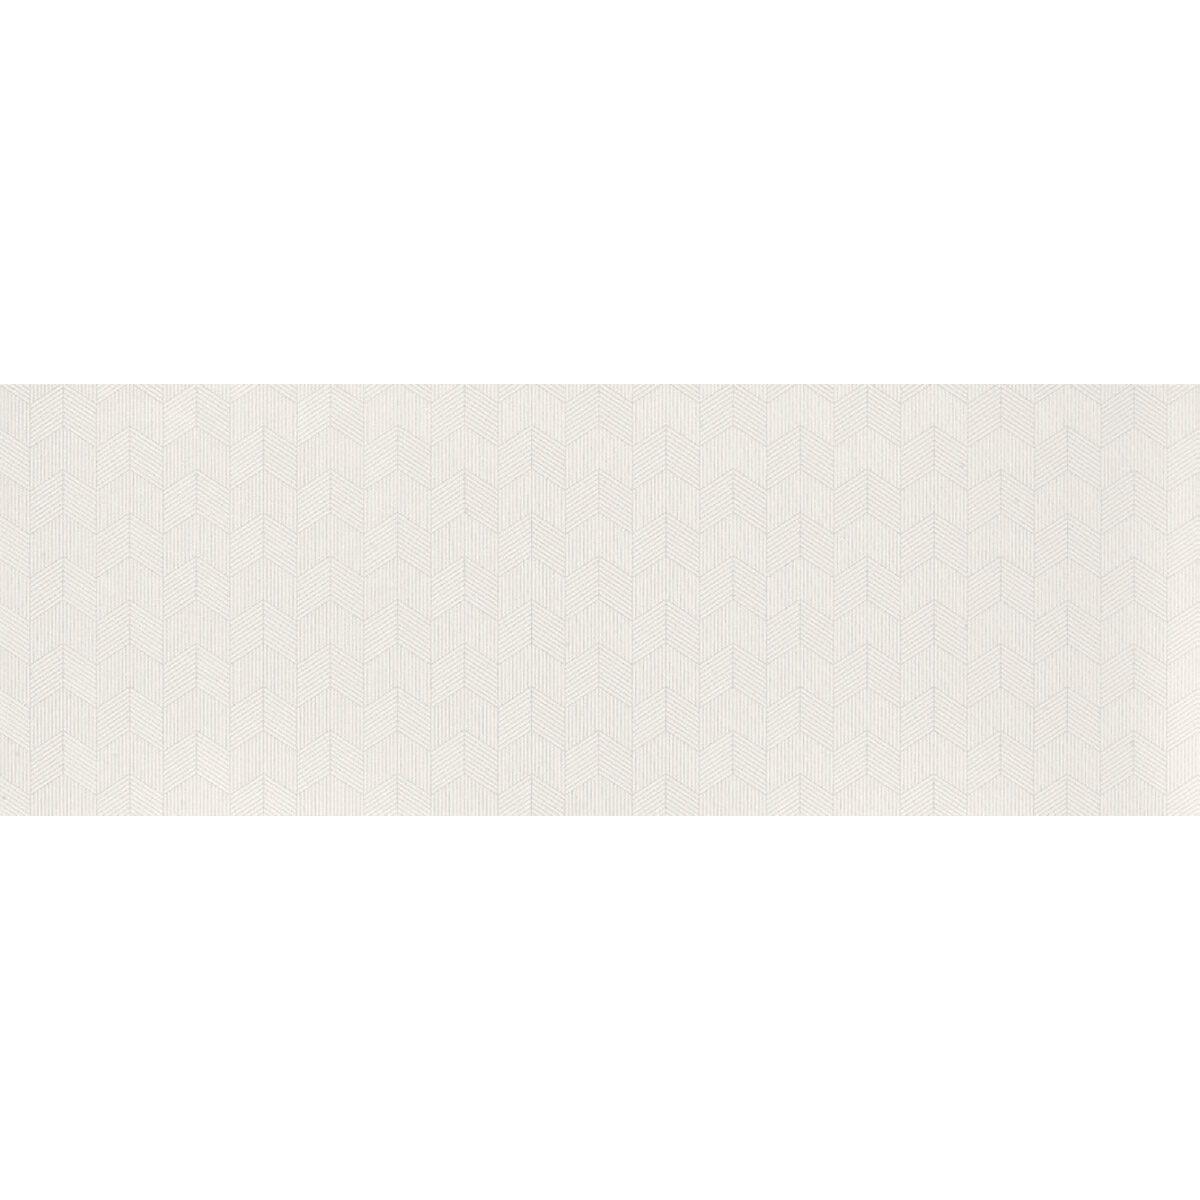 W00253 THE PEARL CHEVRON WHITE LAPP